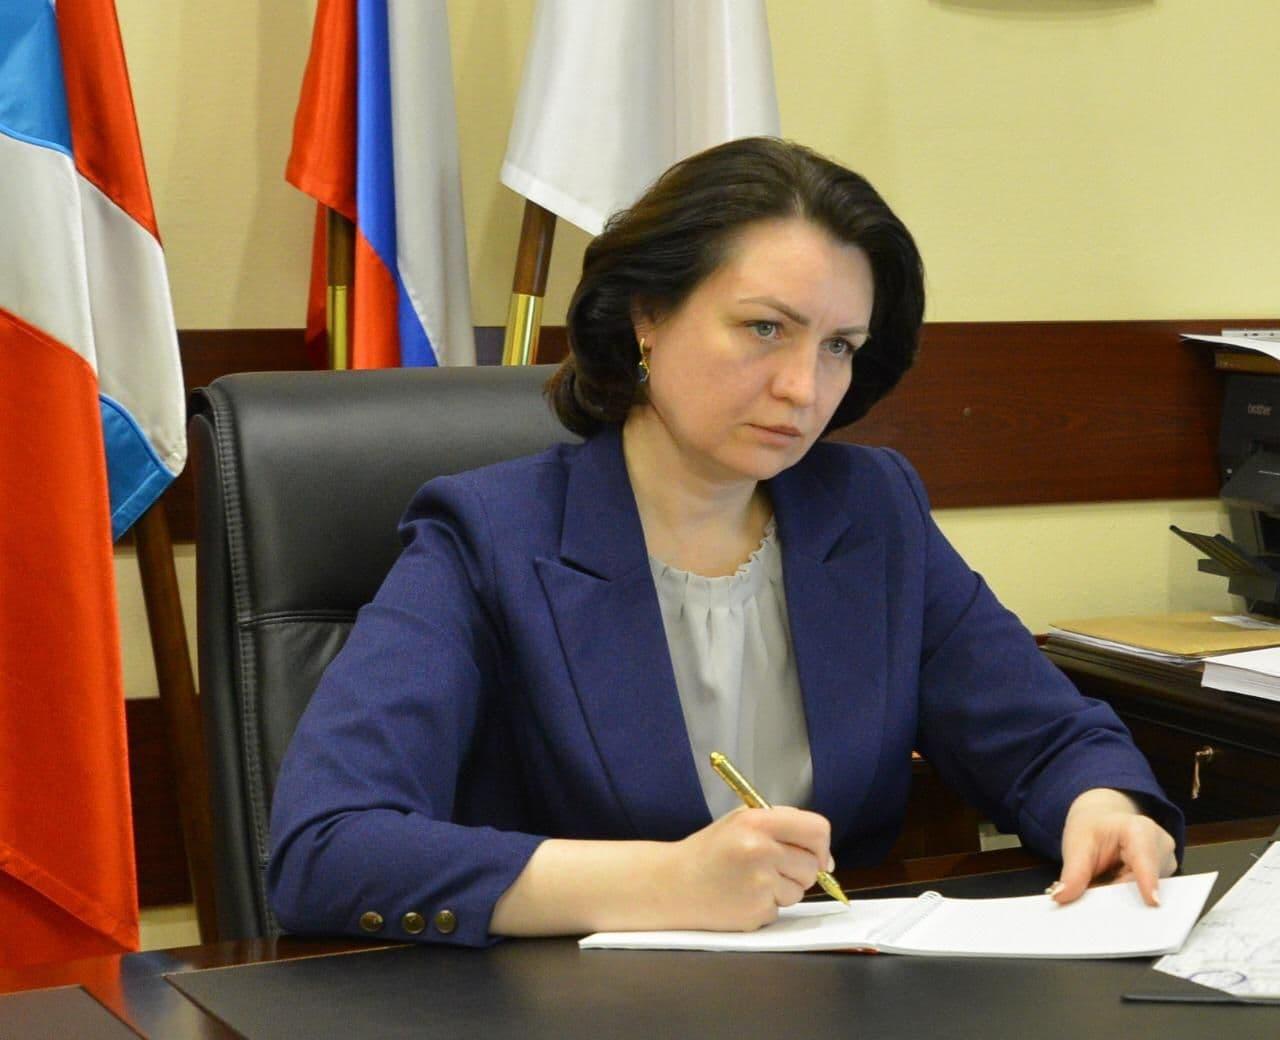 Мэр Омска призналась, что любит голубцы и стерлядку «сыроежку» #Новости #Общество #Омск